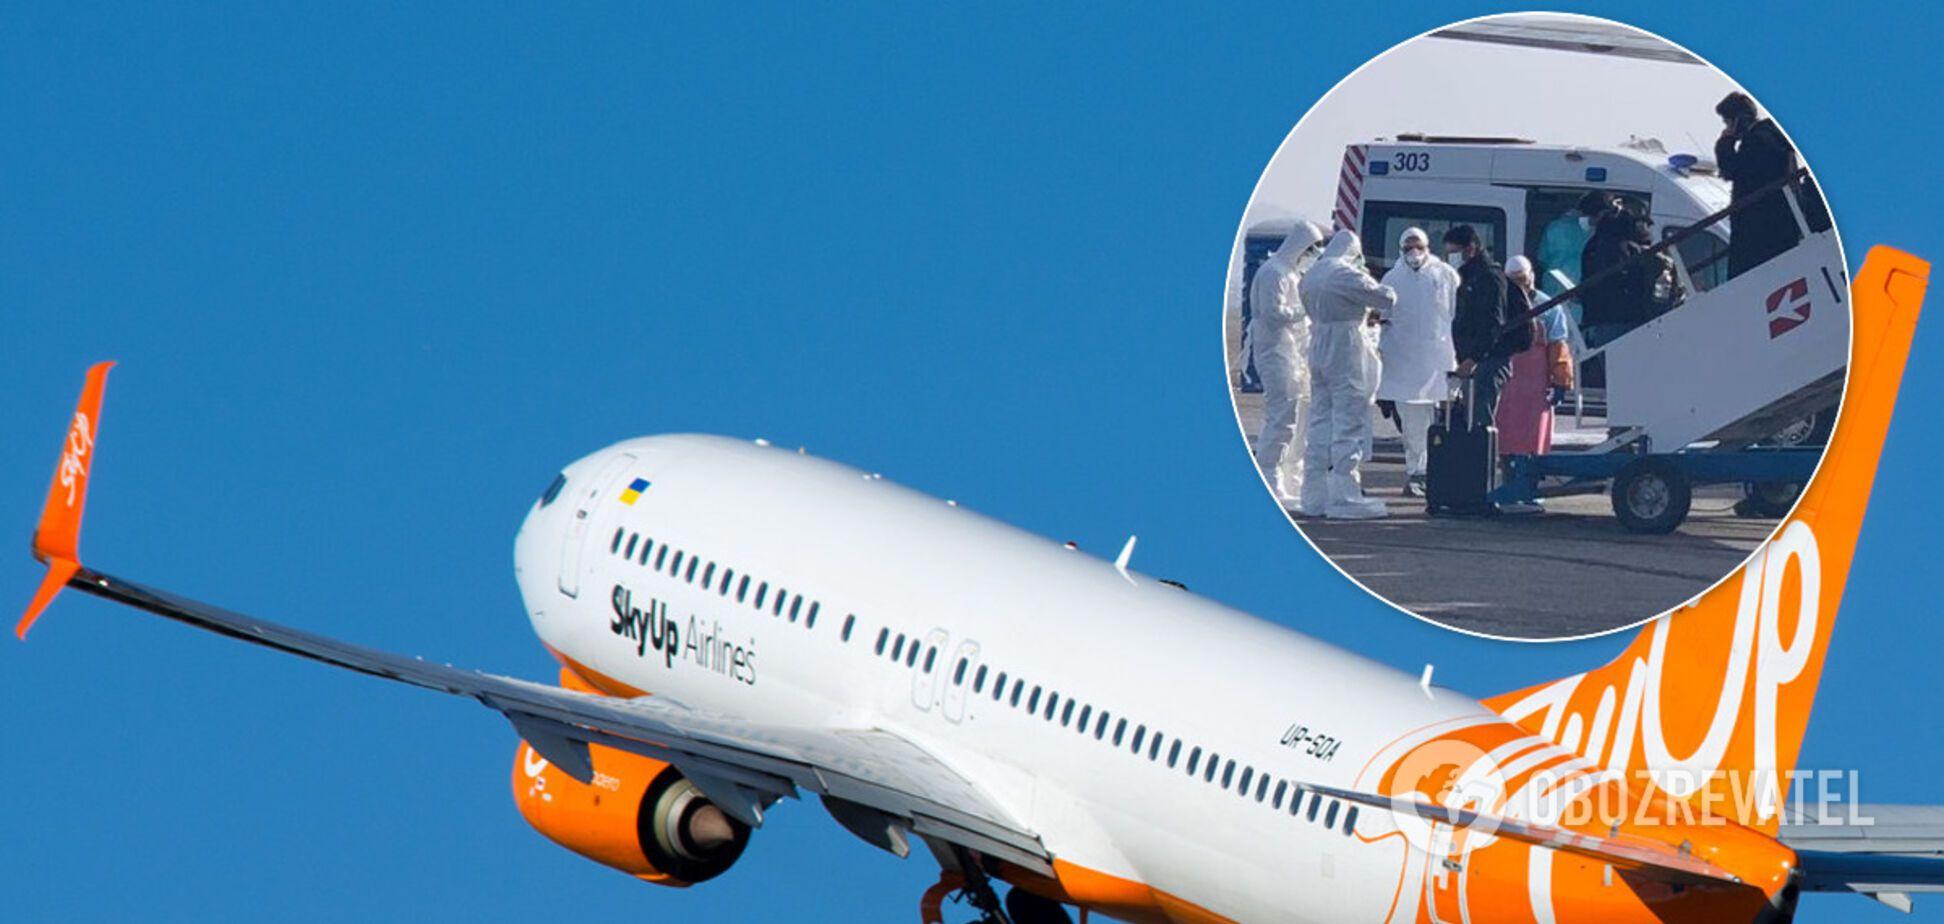 Украина проведет еще один спасательный авиарейс: кому удастся вернуться домой